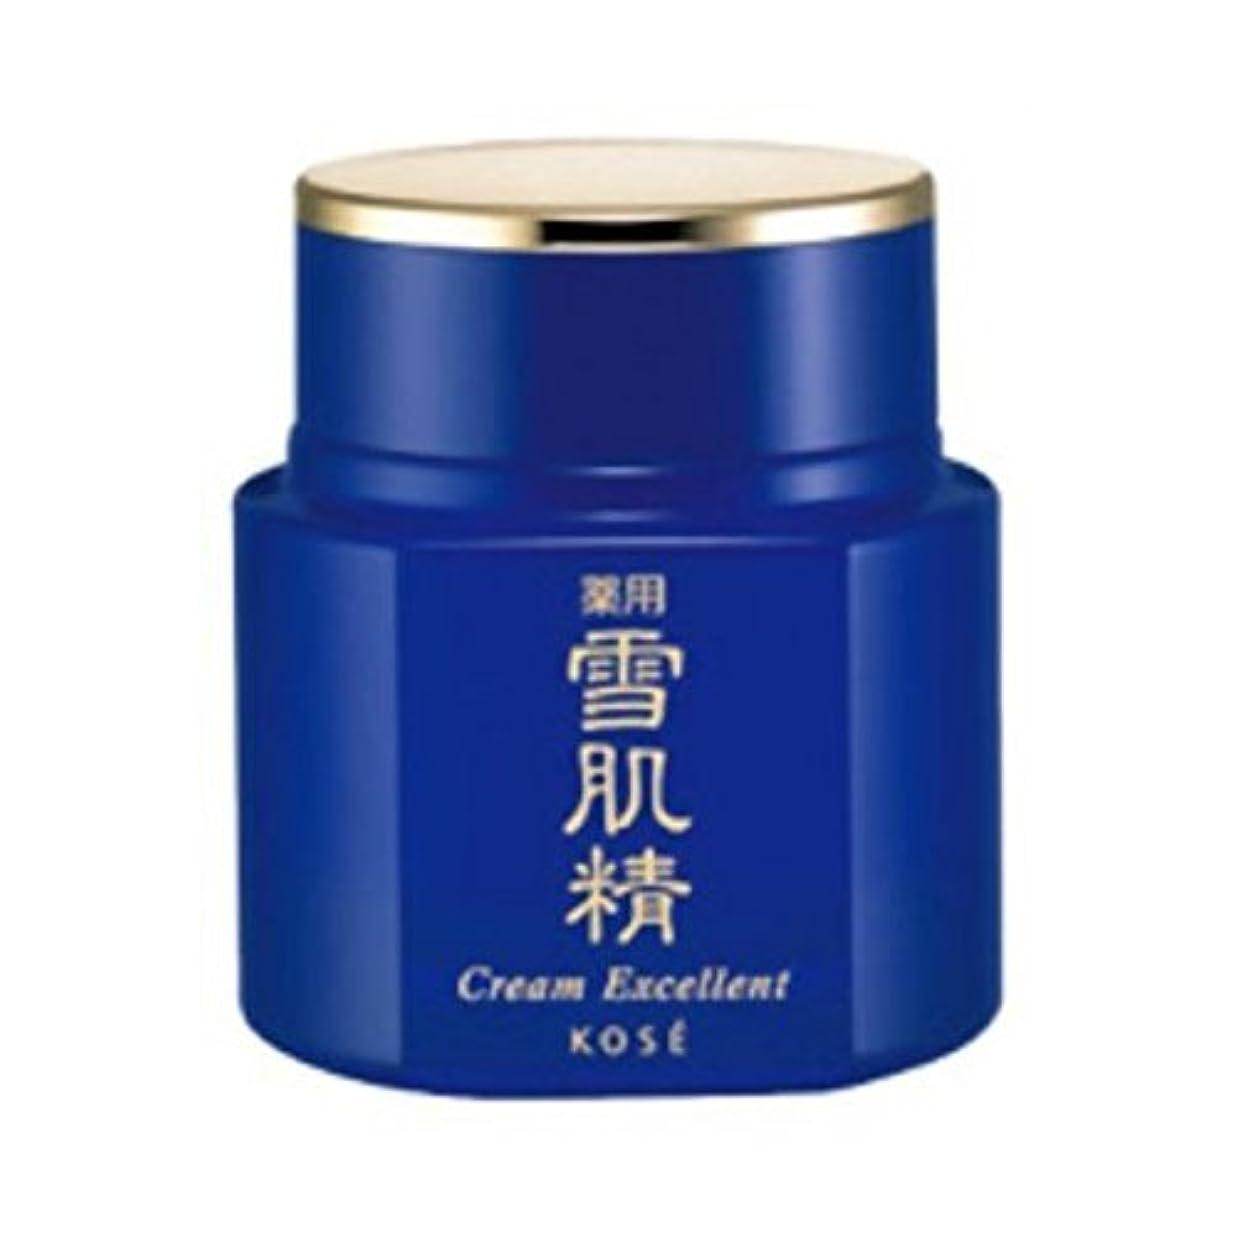 取得傾く半円コーセー 薬用 雪肌精 クリーム エクセレント 50g